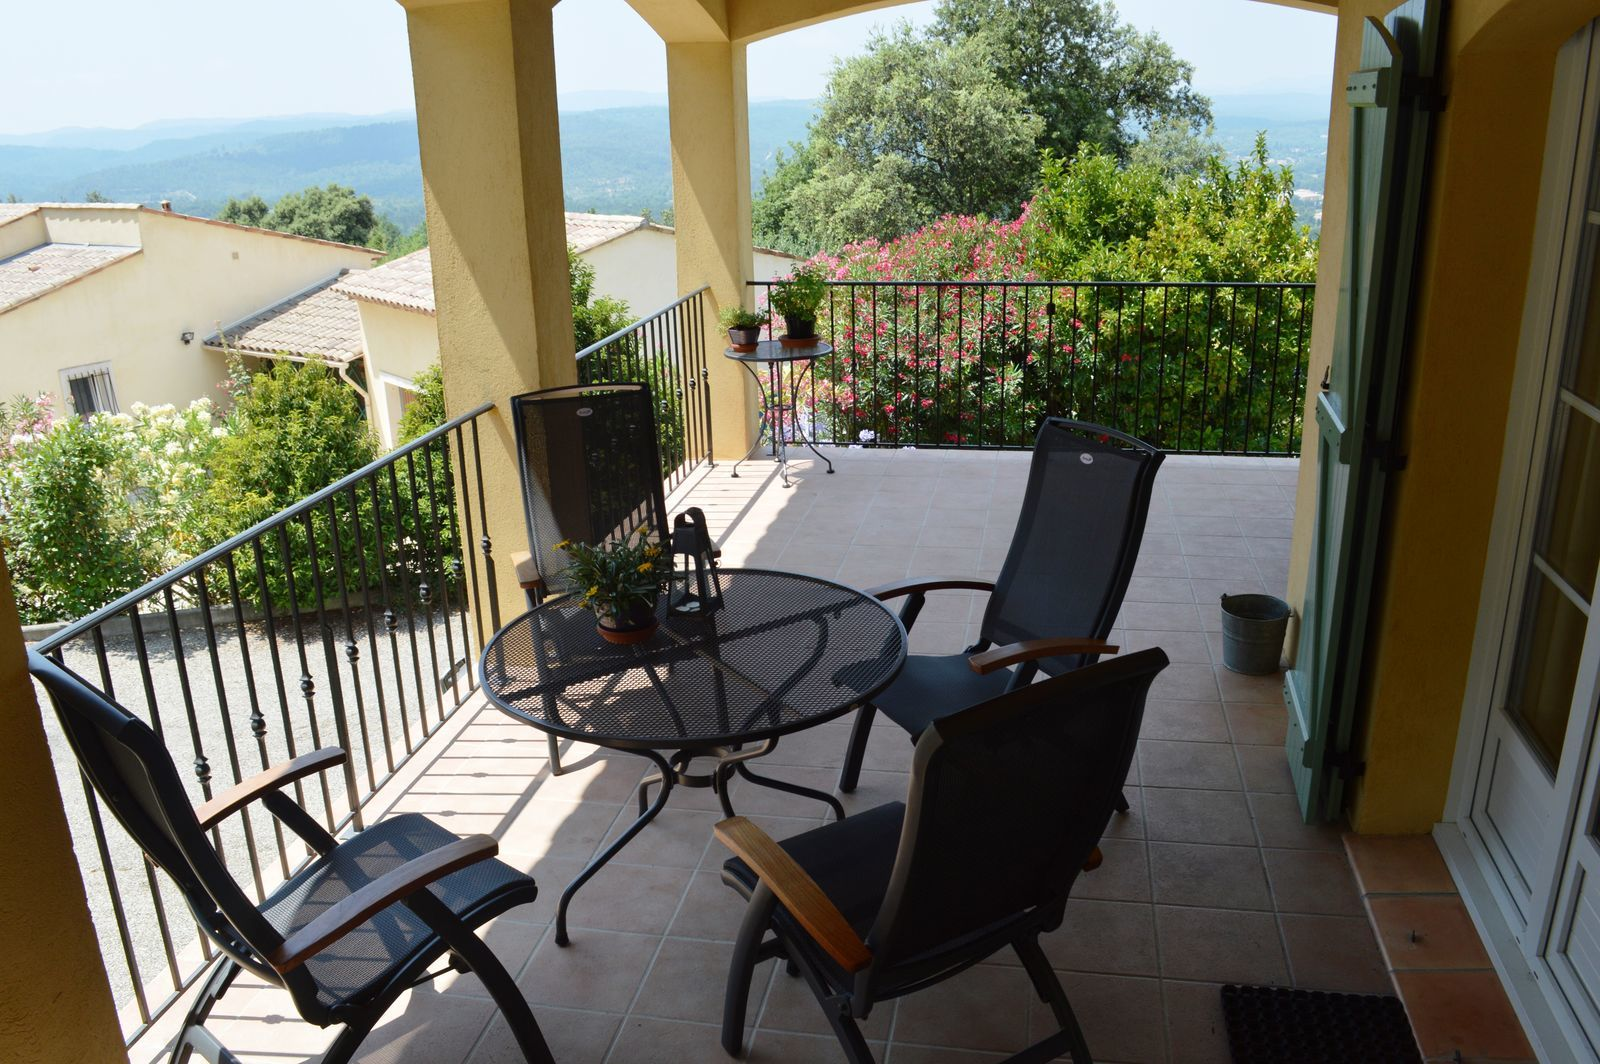 Villa Han - vakantiehuis zuid-Frankrijk met zwembad